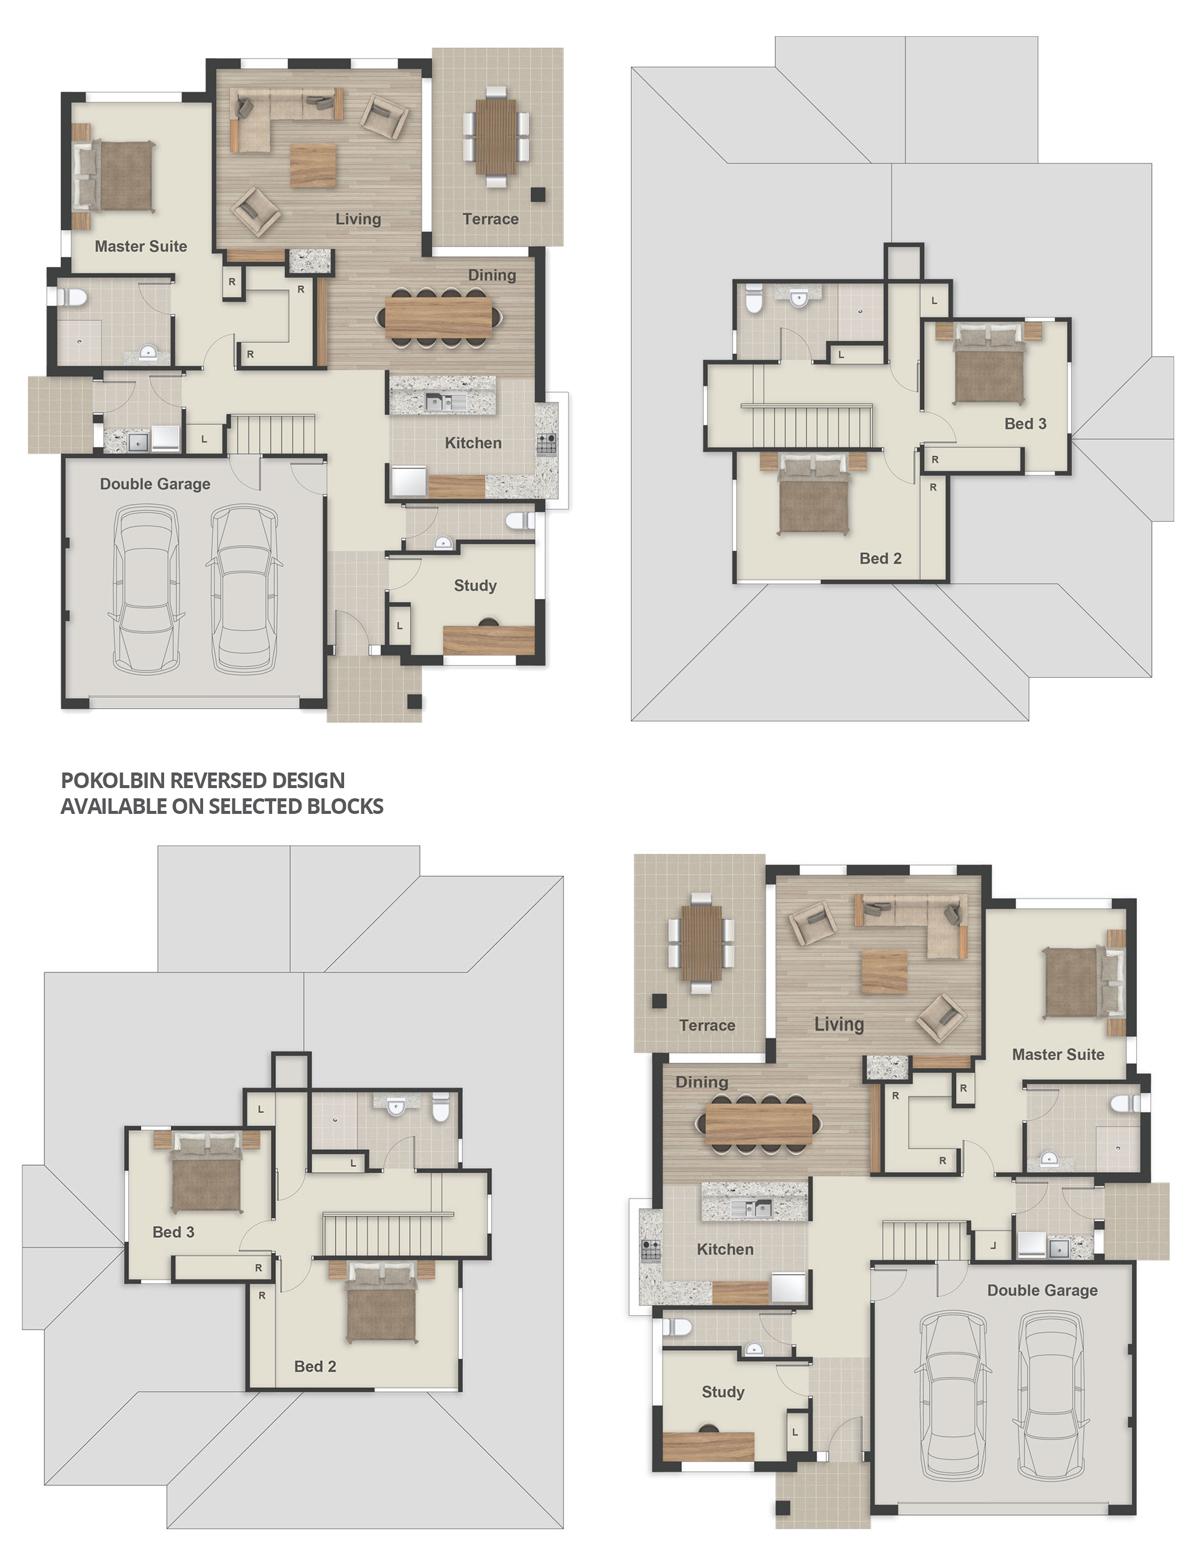 Pokolbin Floorplan